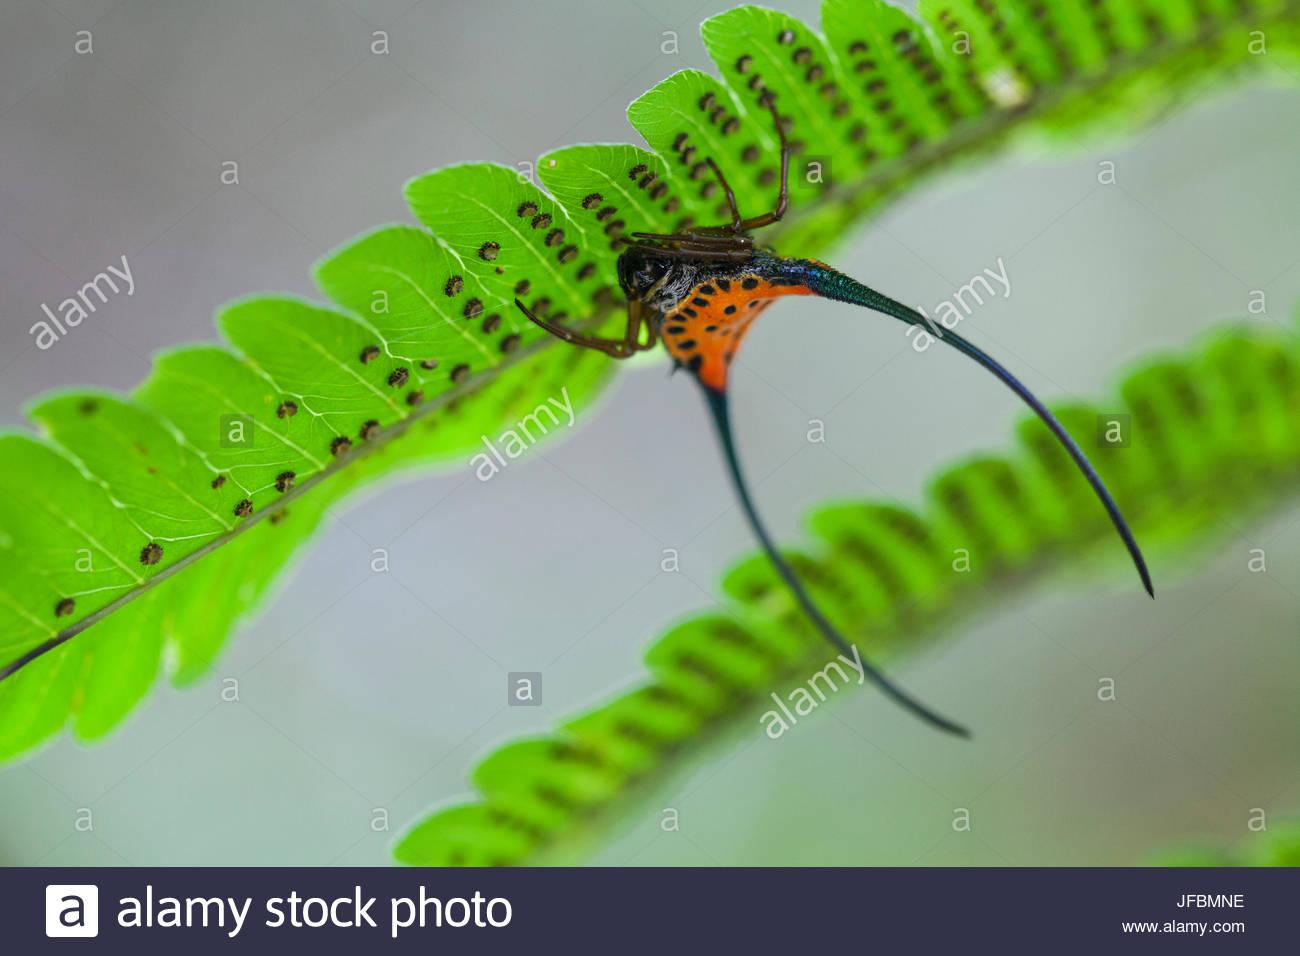 Un crabe épineux, Gasteracantha orbweaver arcuata, tête en bas sur une fougère dans la forêt Photo Stock